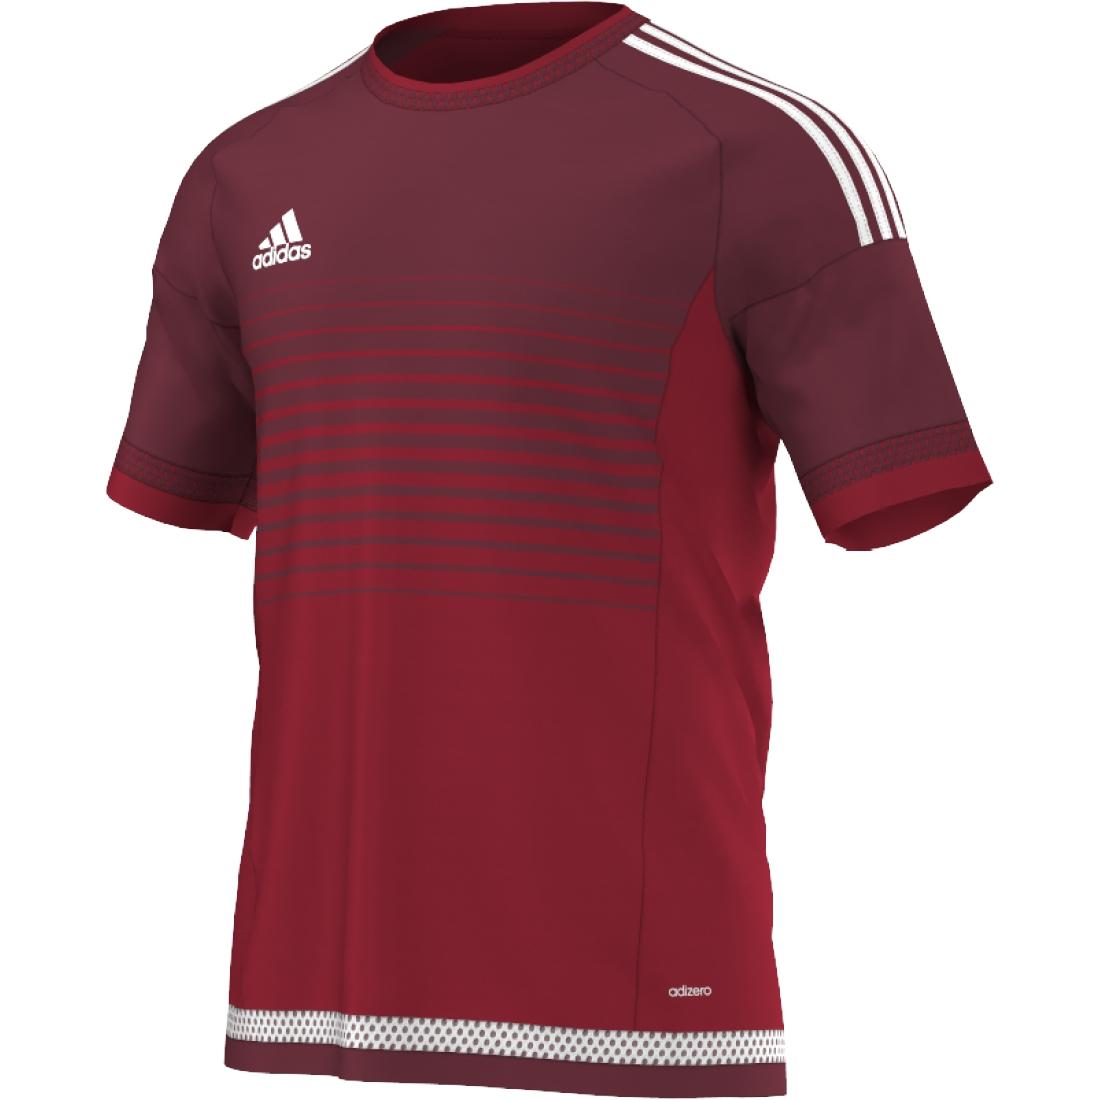 Image of   Adidas Campeon 15 s/s Trøje i flere forskellige farver